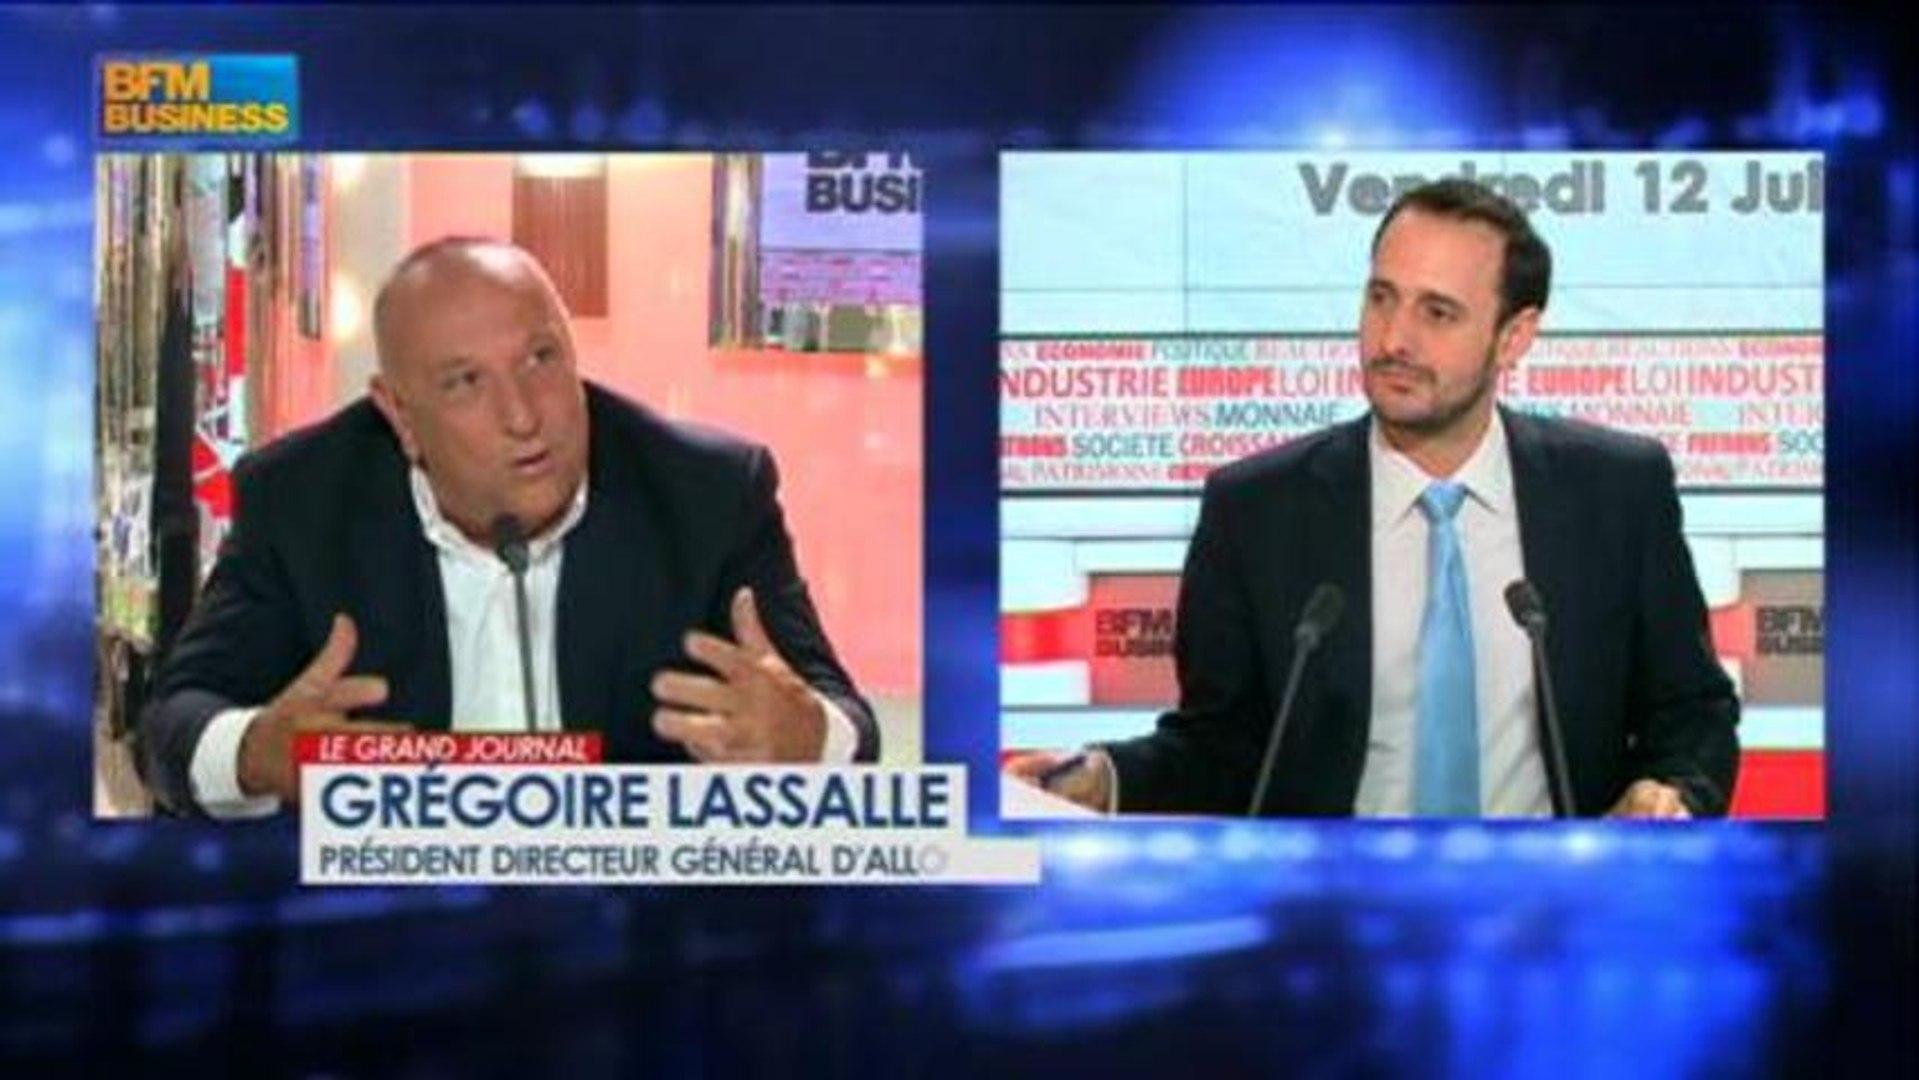 Grégoire Lassalle, président directeur général d'AlloCiné dans Le Grand Journal - 12 juillet 4/4